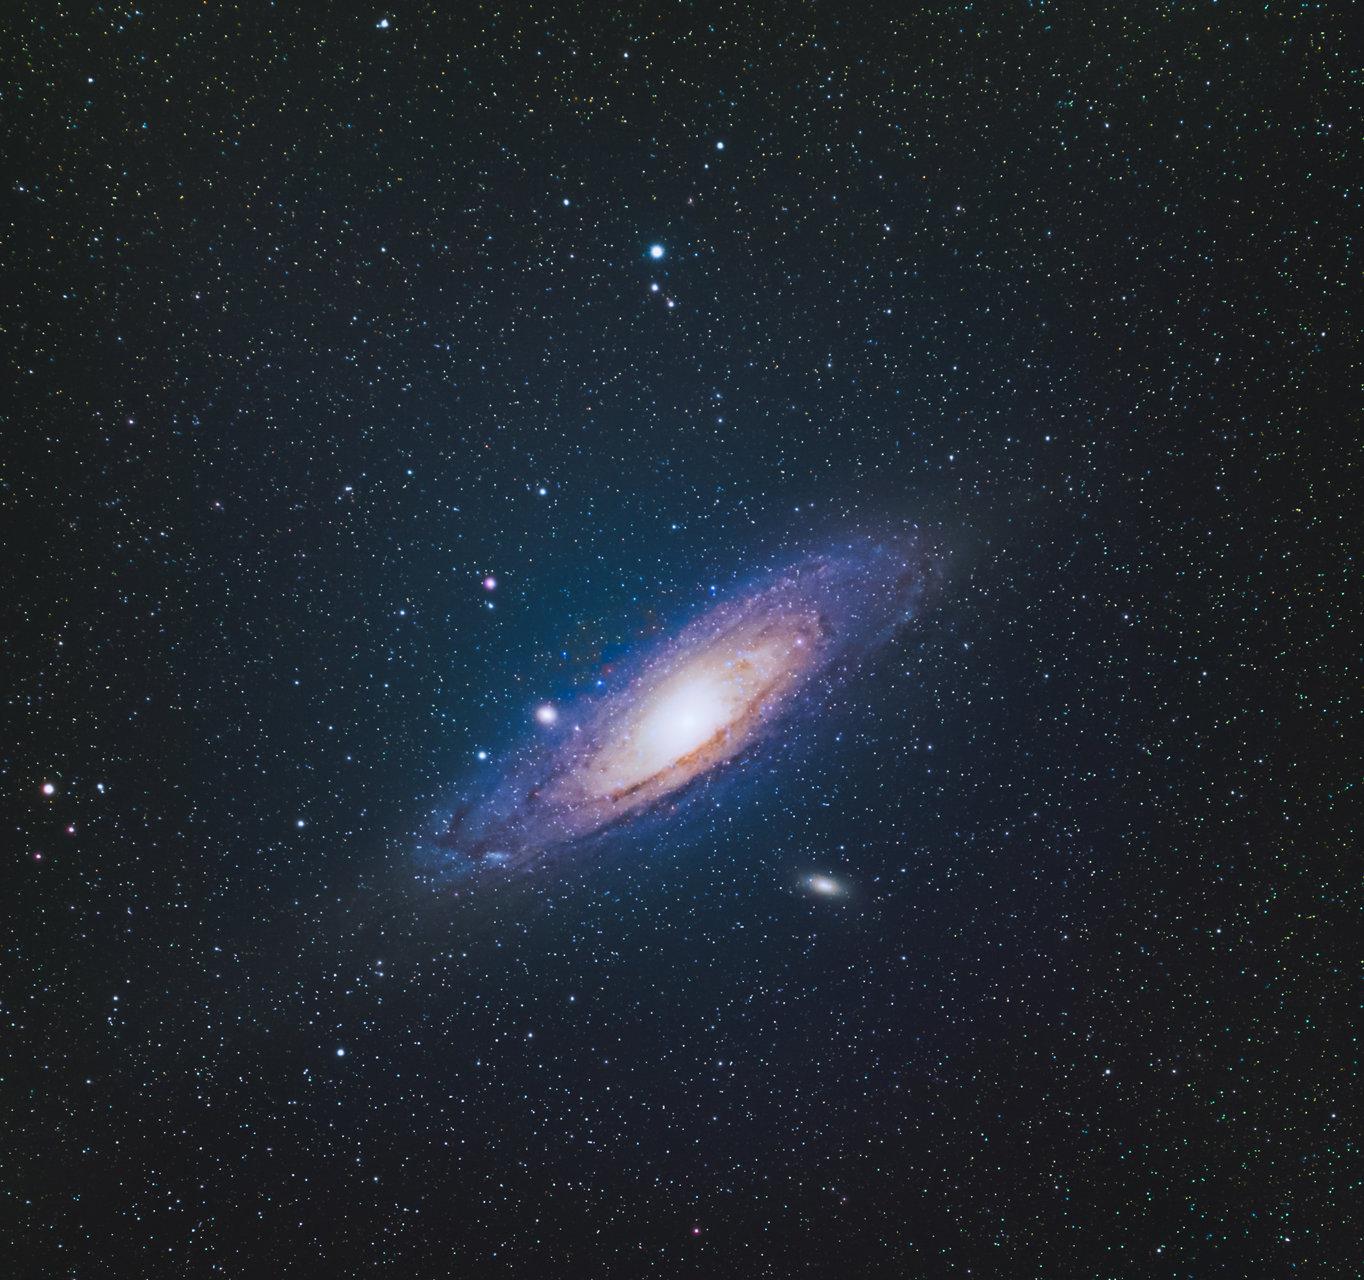 Галактиката Андромеда /М31 | Author Doncho Dimitrov - Fazana1916 | PHOTO FORUM